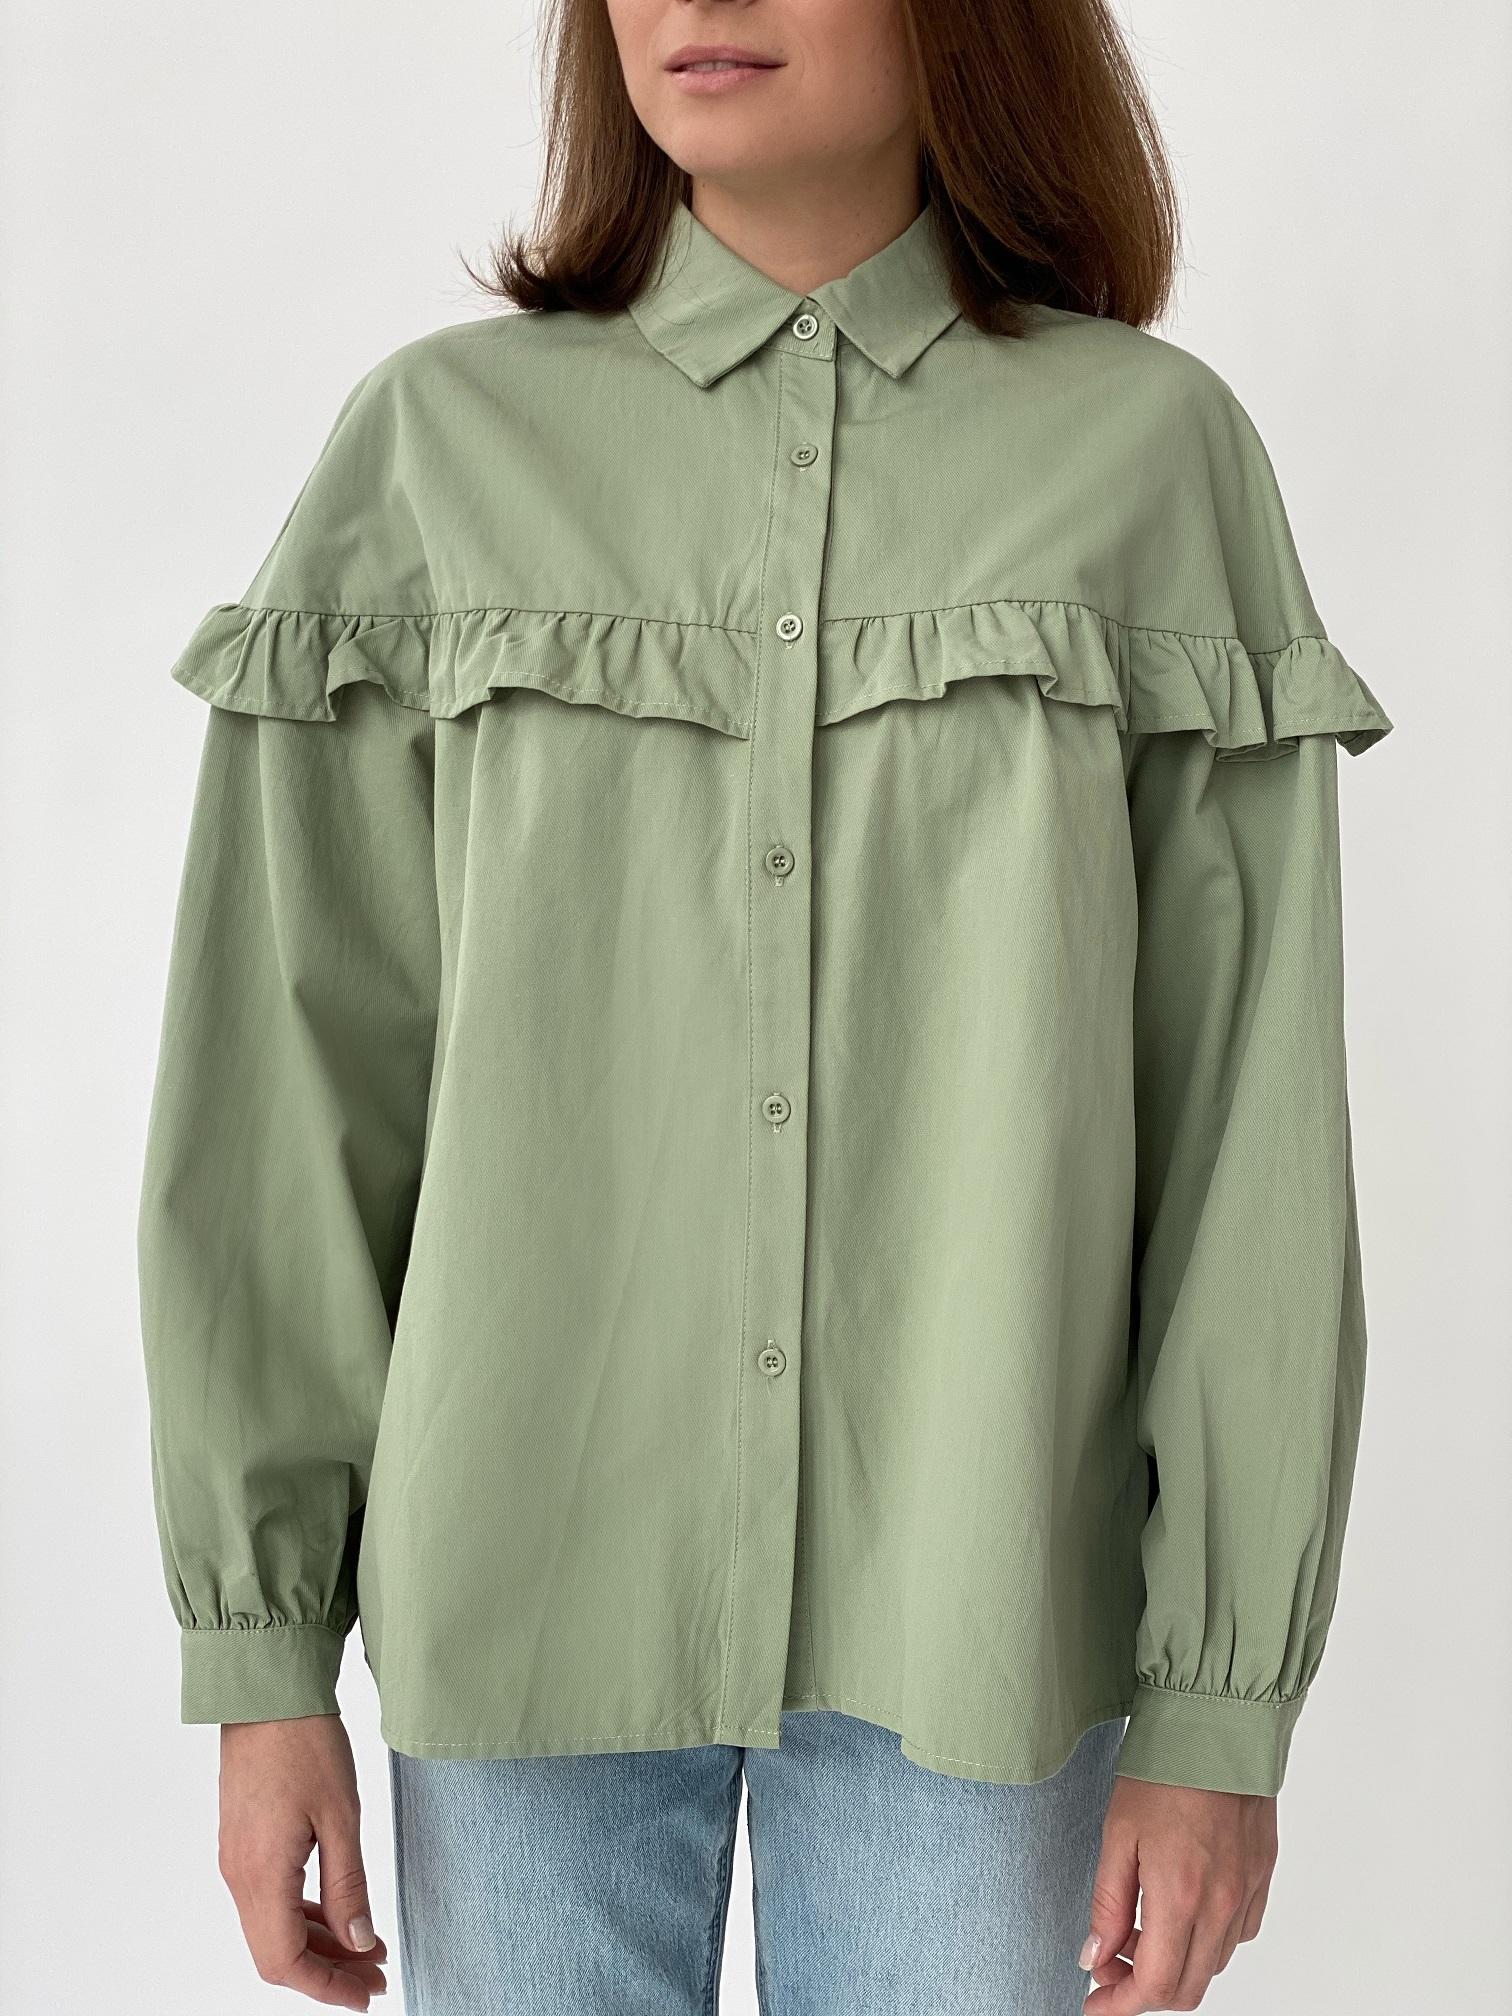 Рубашка, Ballerina, Jane Eyre (олива)